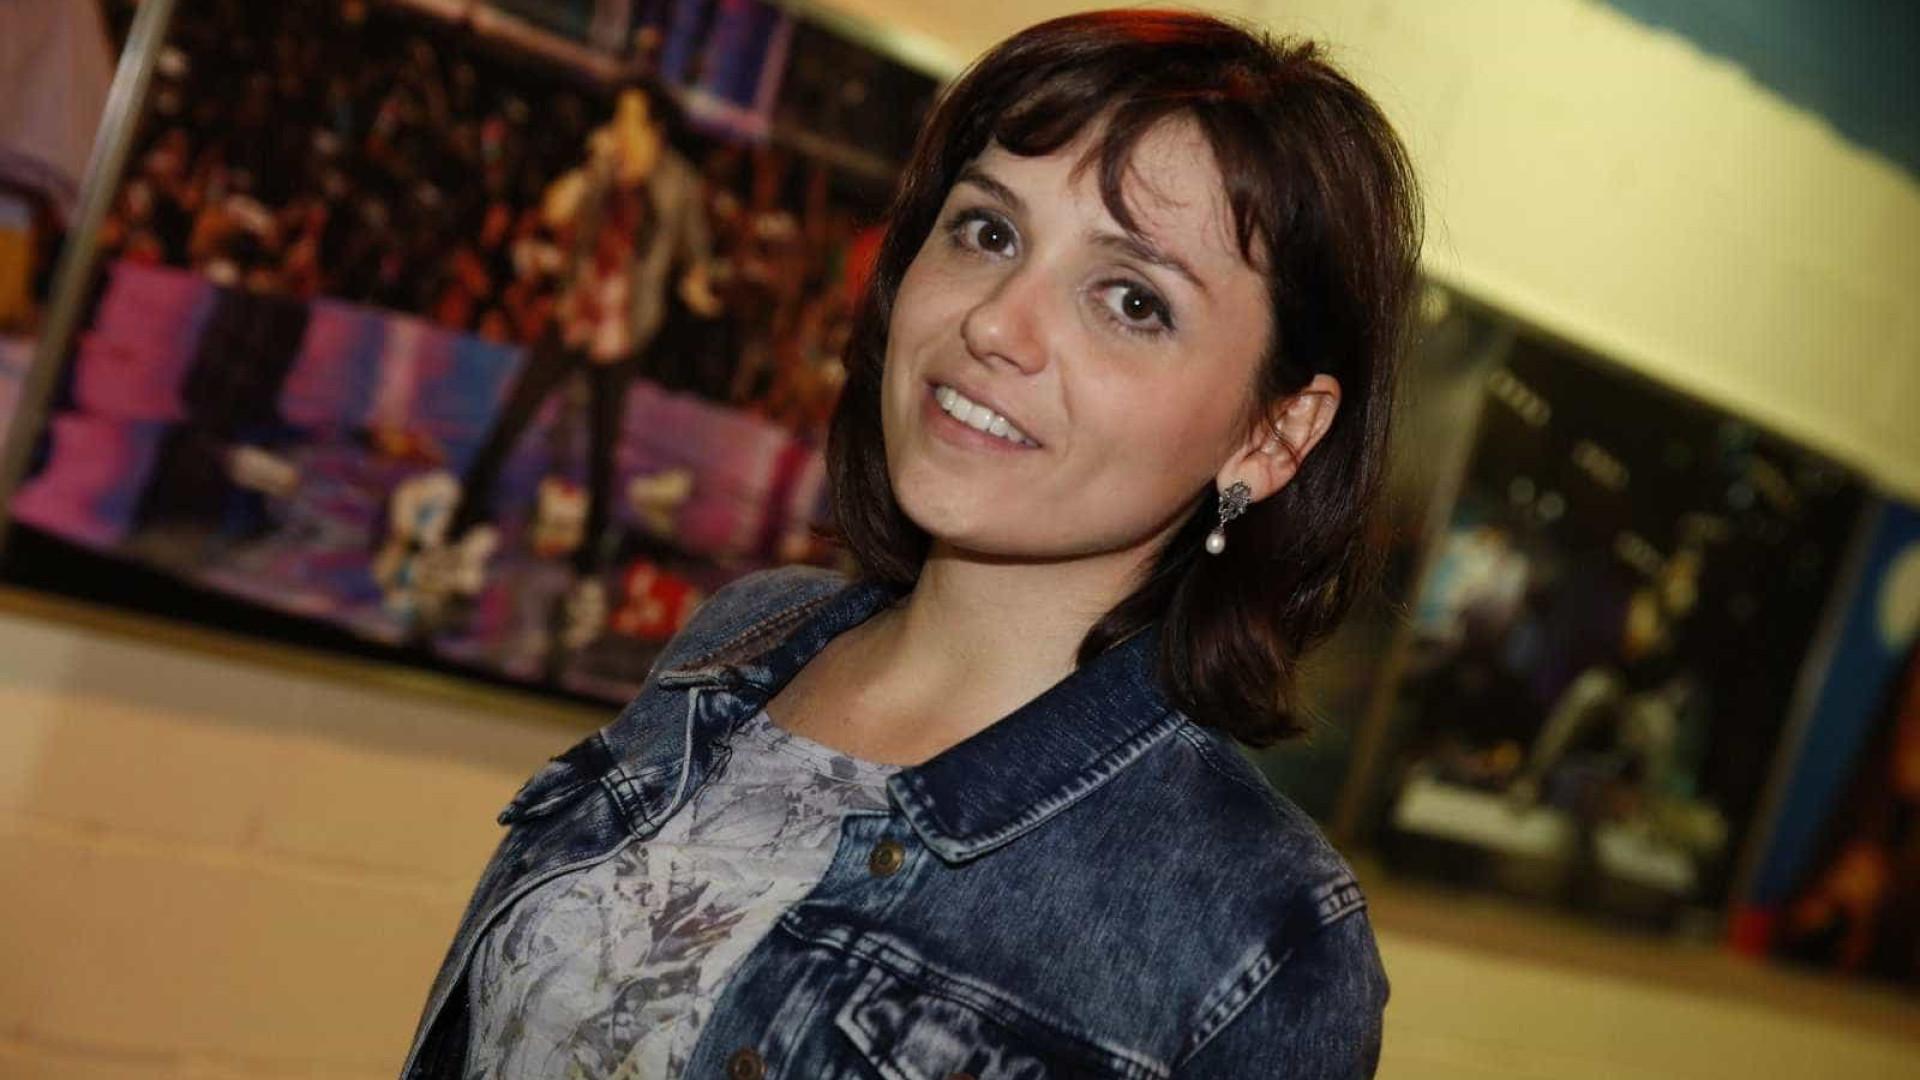 Monica Iozzi diz ter experimentado sexo virtual: 'Foi malsucedido'